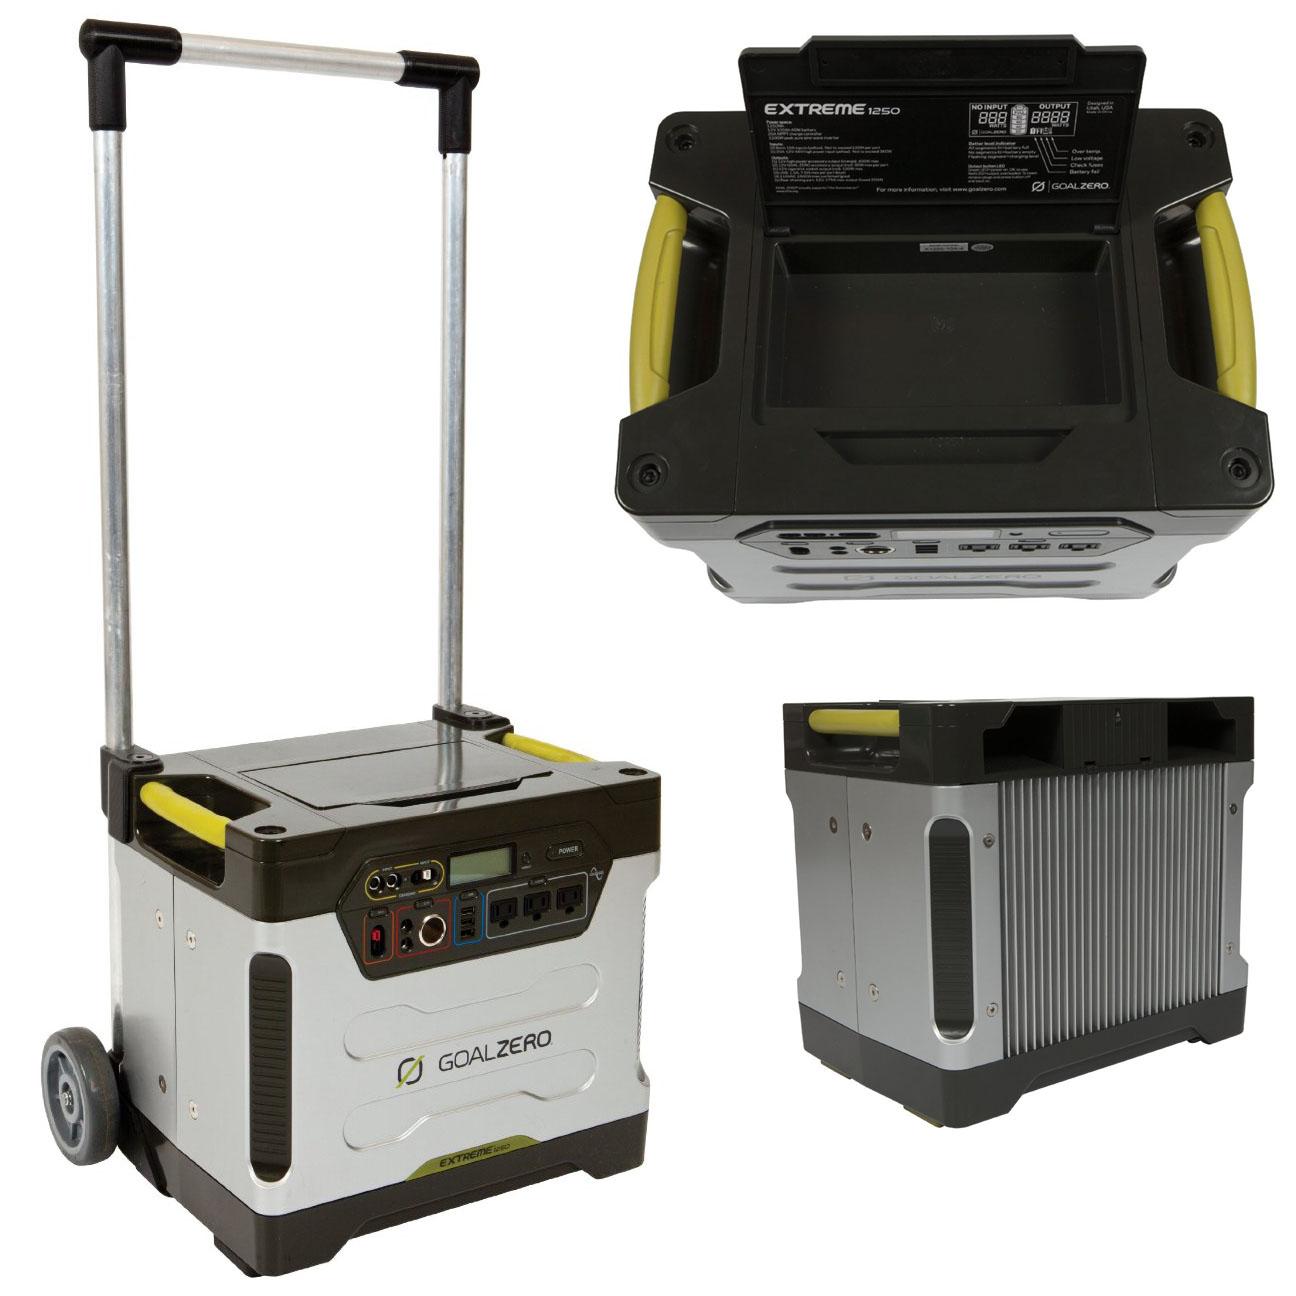 Goalzero Yeti Solar Generator Kit